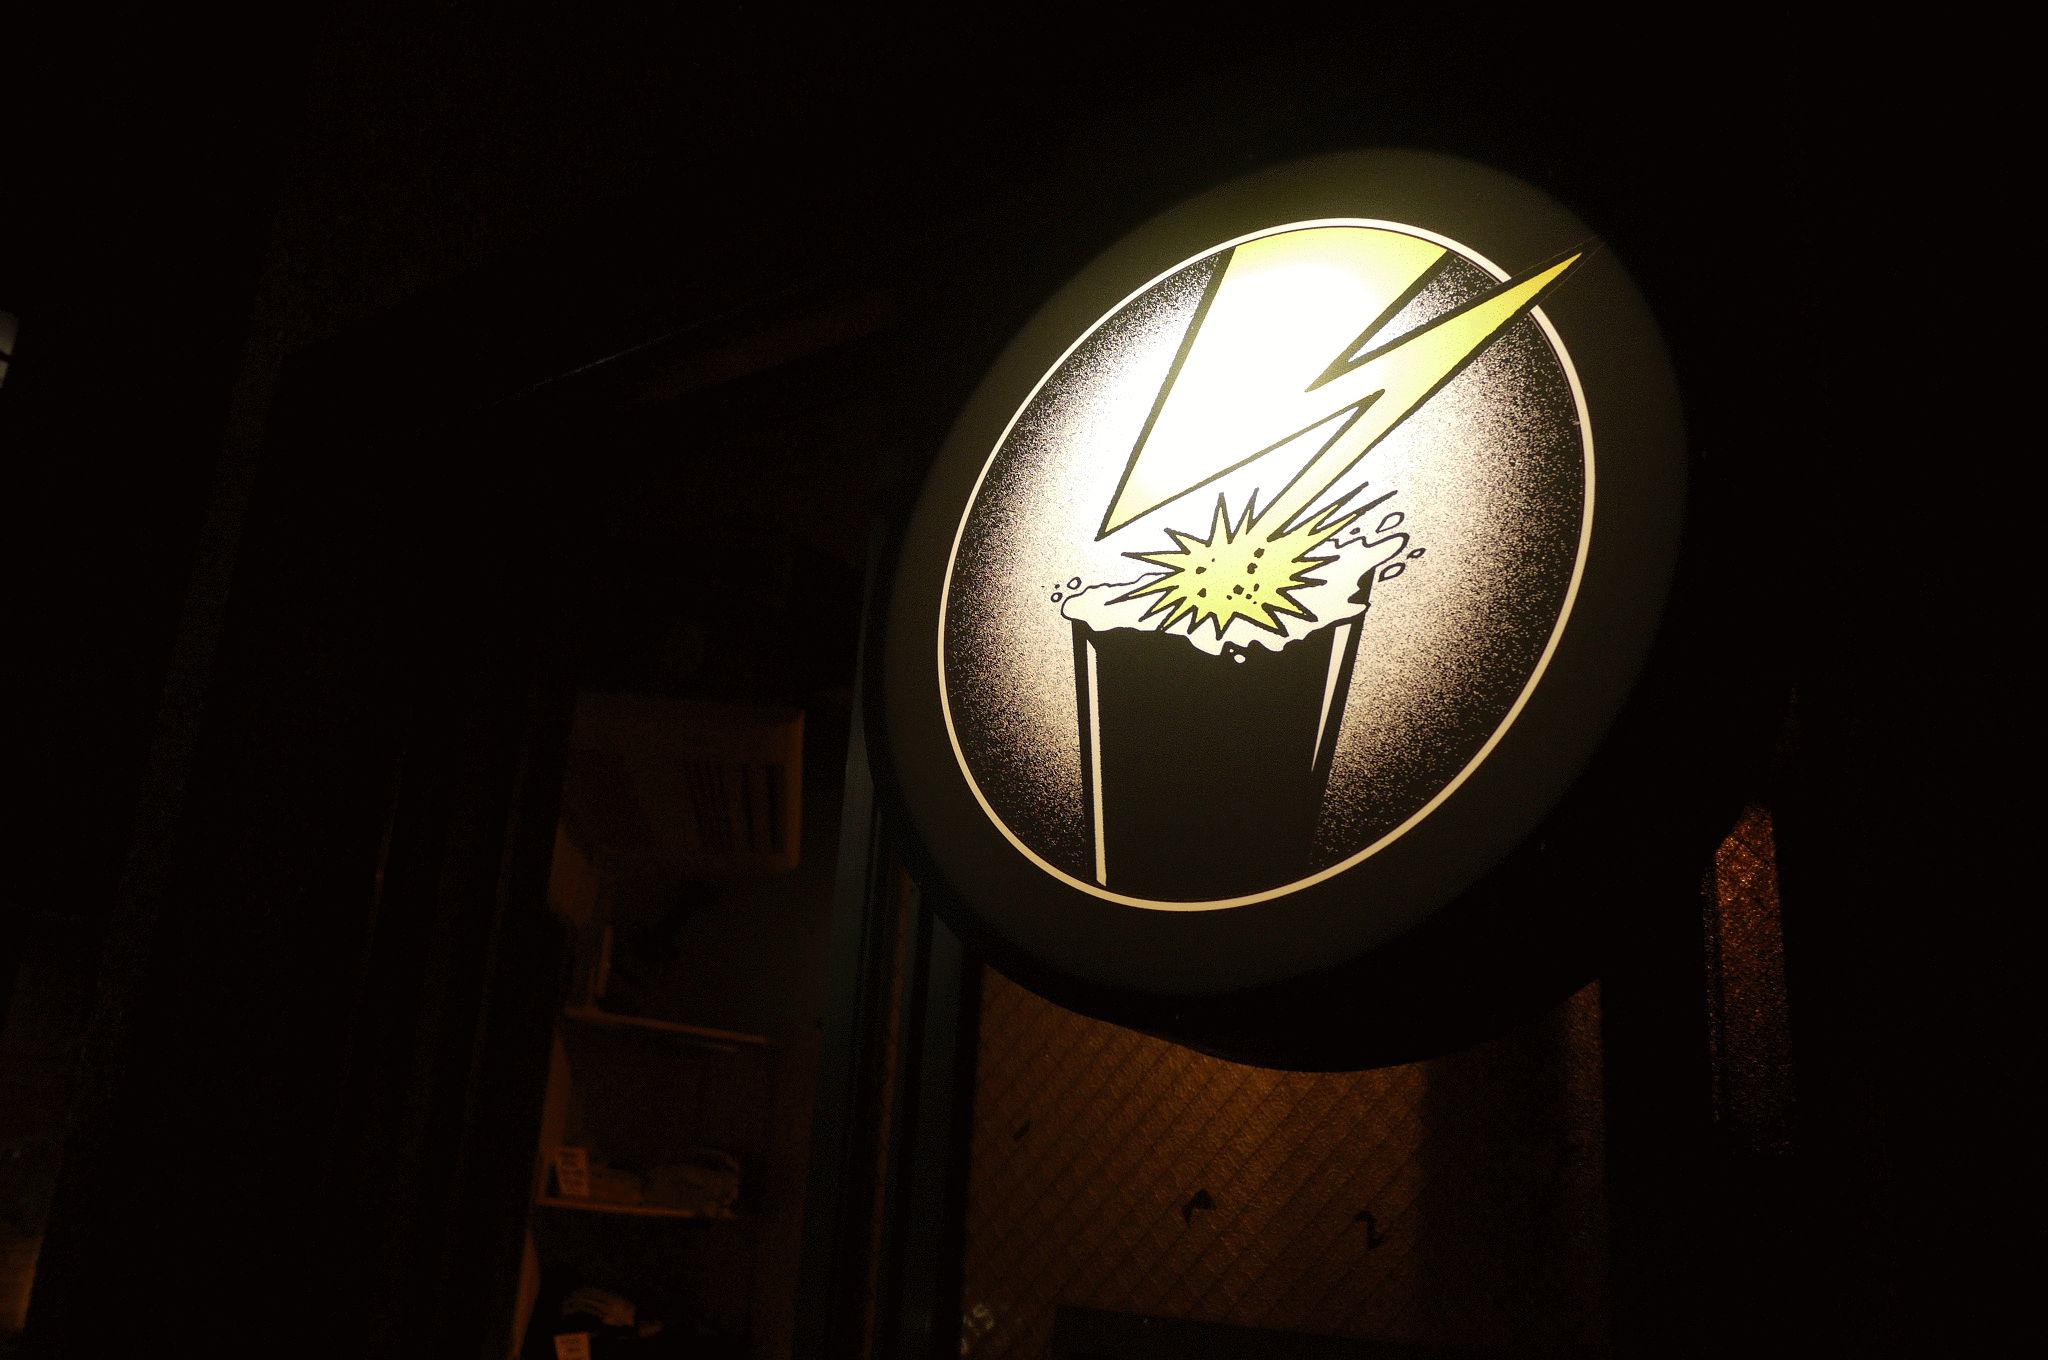 横浜,THRASH ZONE,スラッシュゾーン,ビール,メタル